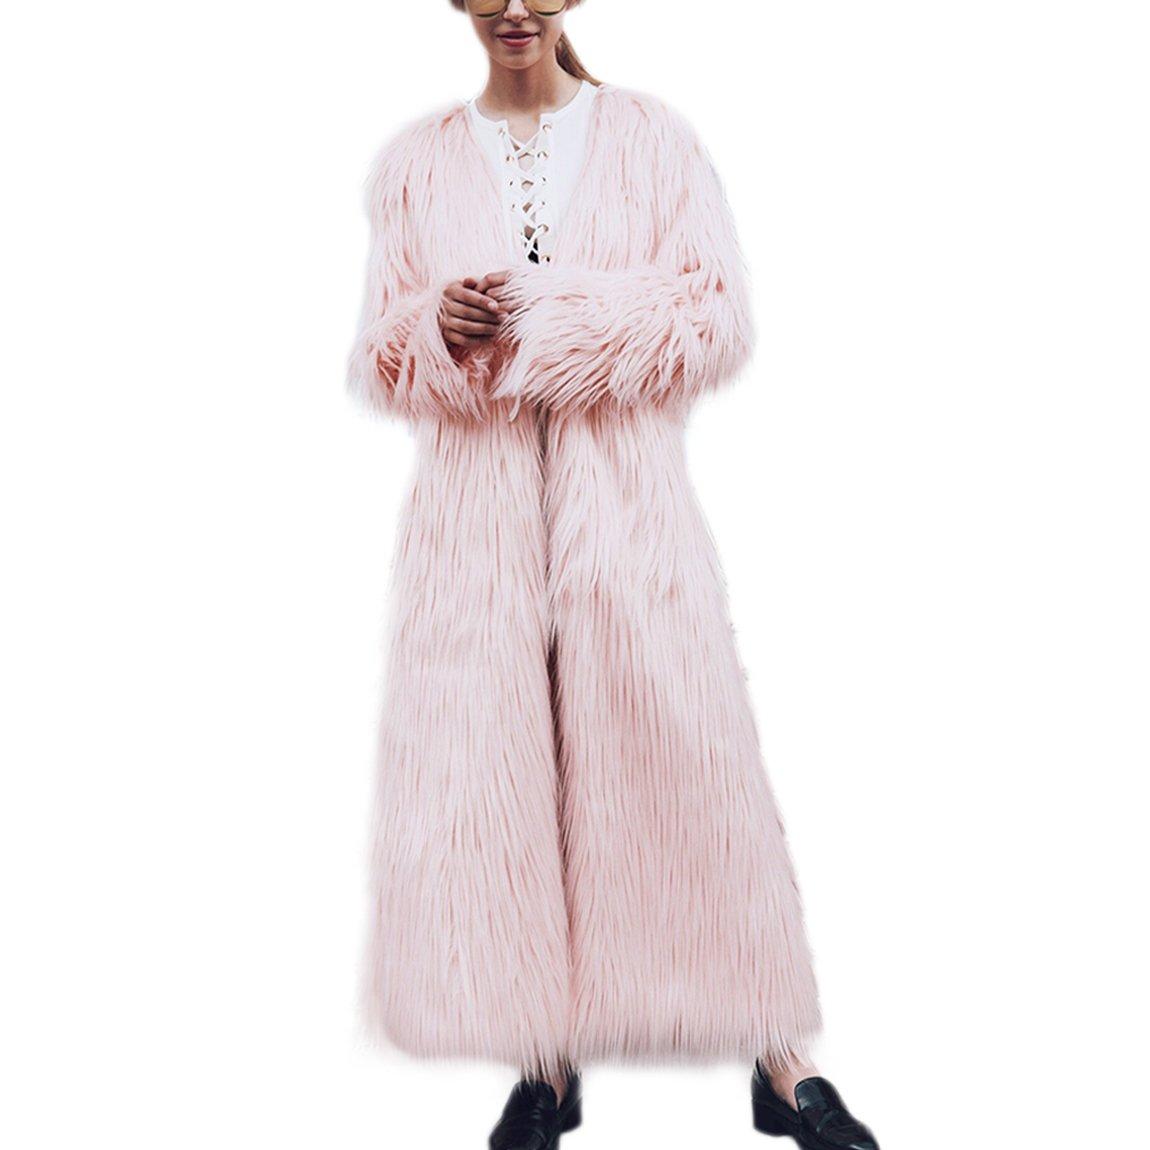 Damen Fellmantel Winterjacke Trenchcoat Steppjacke Wä rmemantel Parka Coat Ü bergangsjacke Outwear